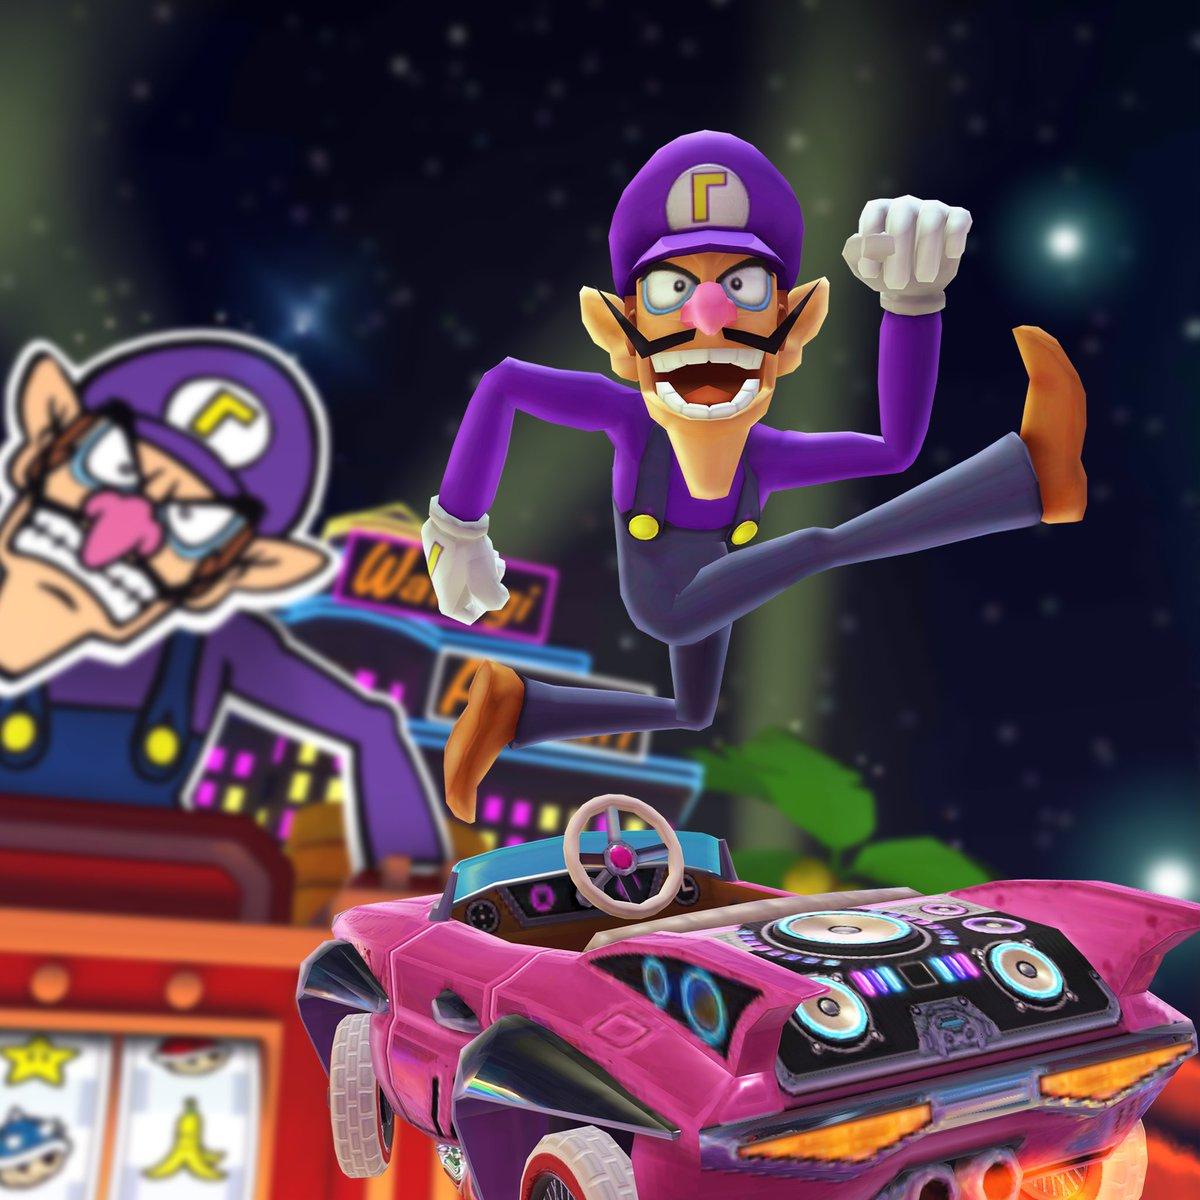 Waluigi Heading To Mario Kart Tour In The Next Tour Gaming